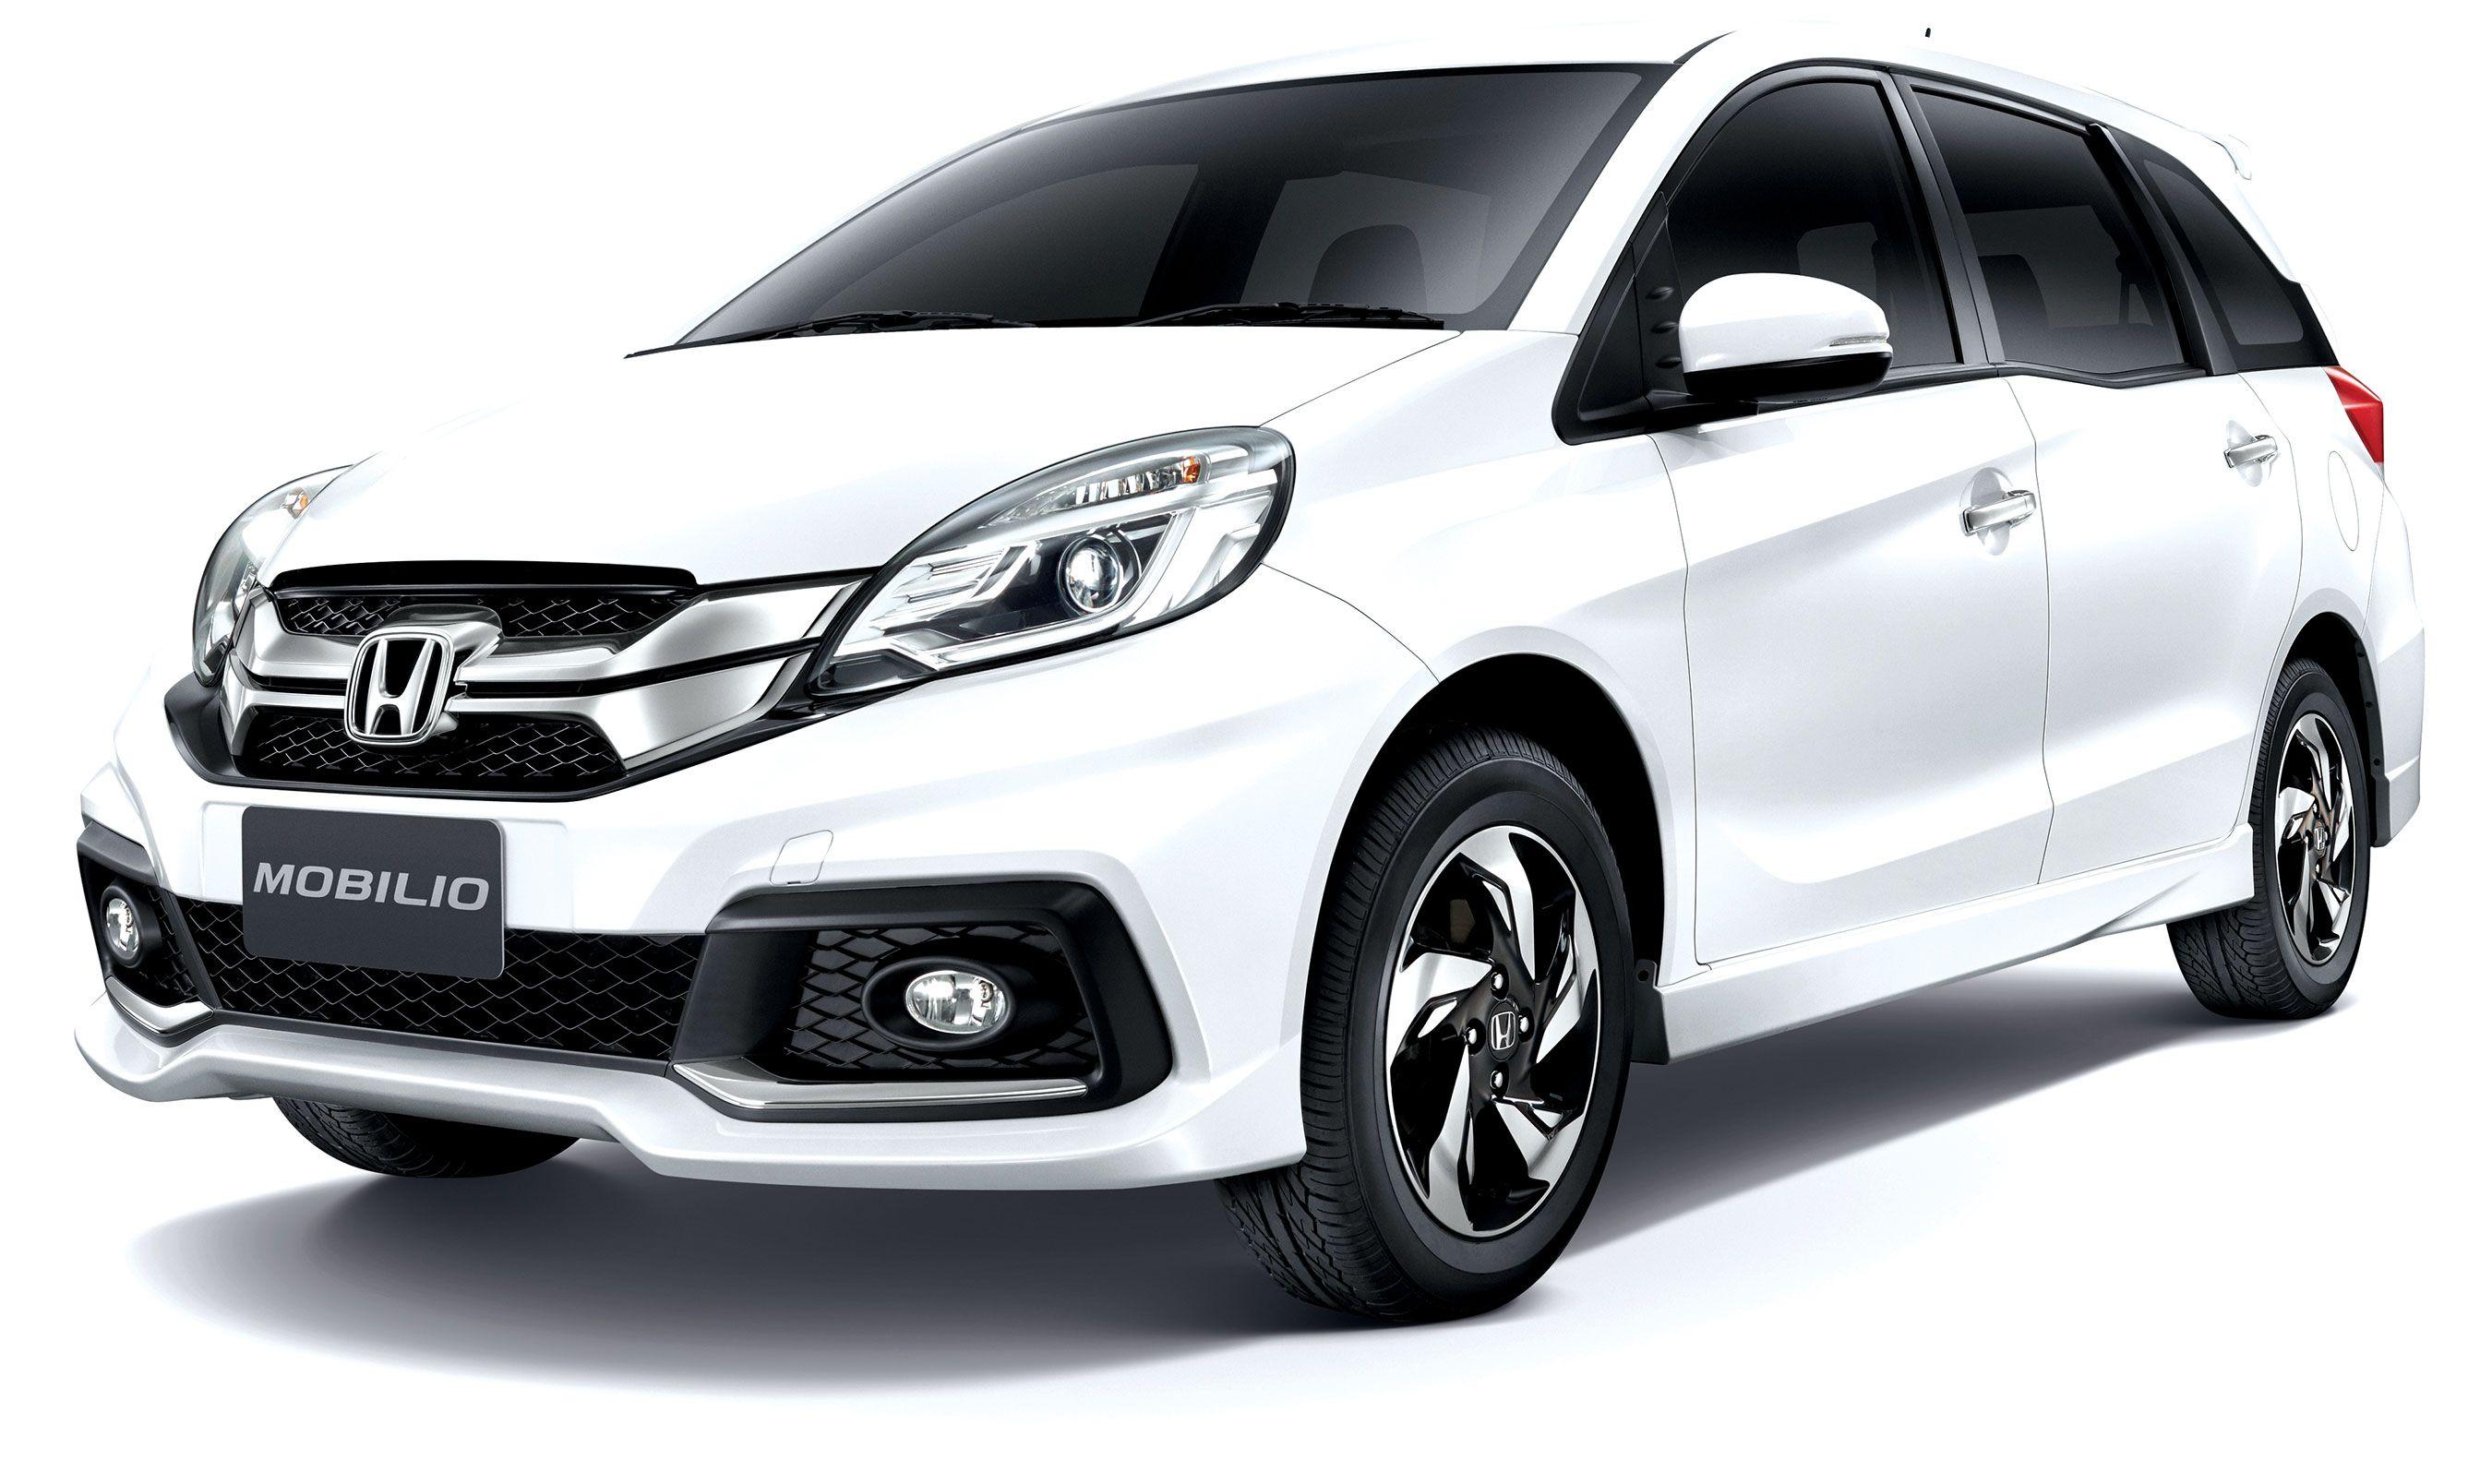 Kelebihan Kekurangan Harga Mobil Mobilio Review